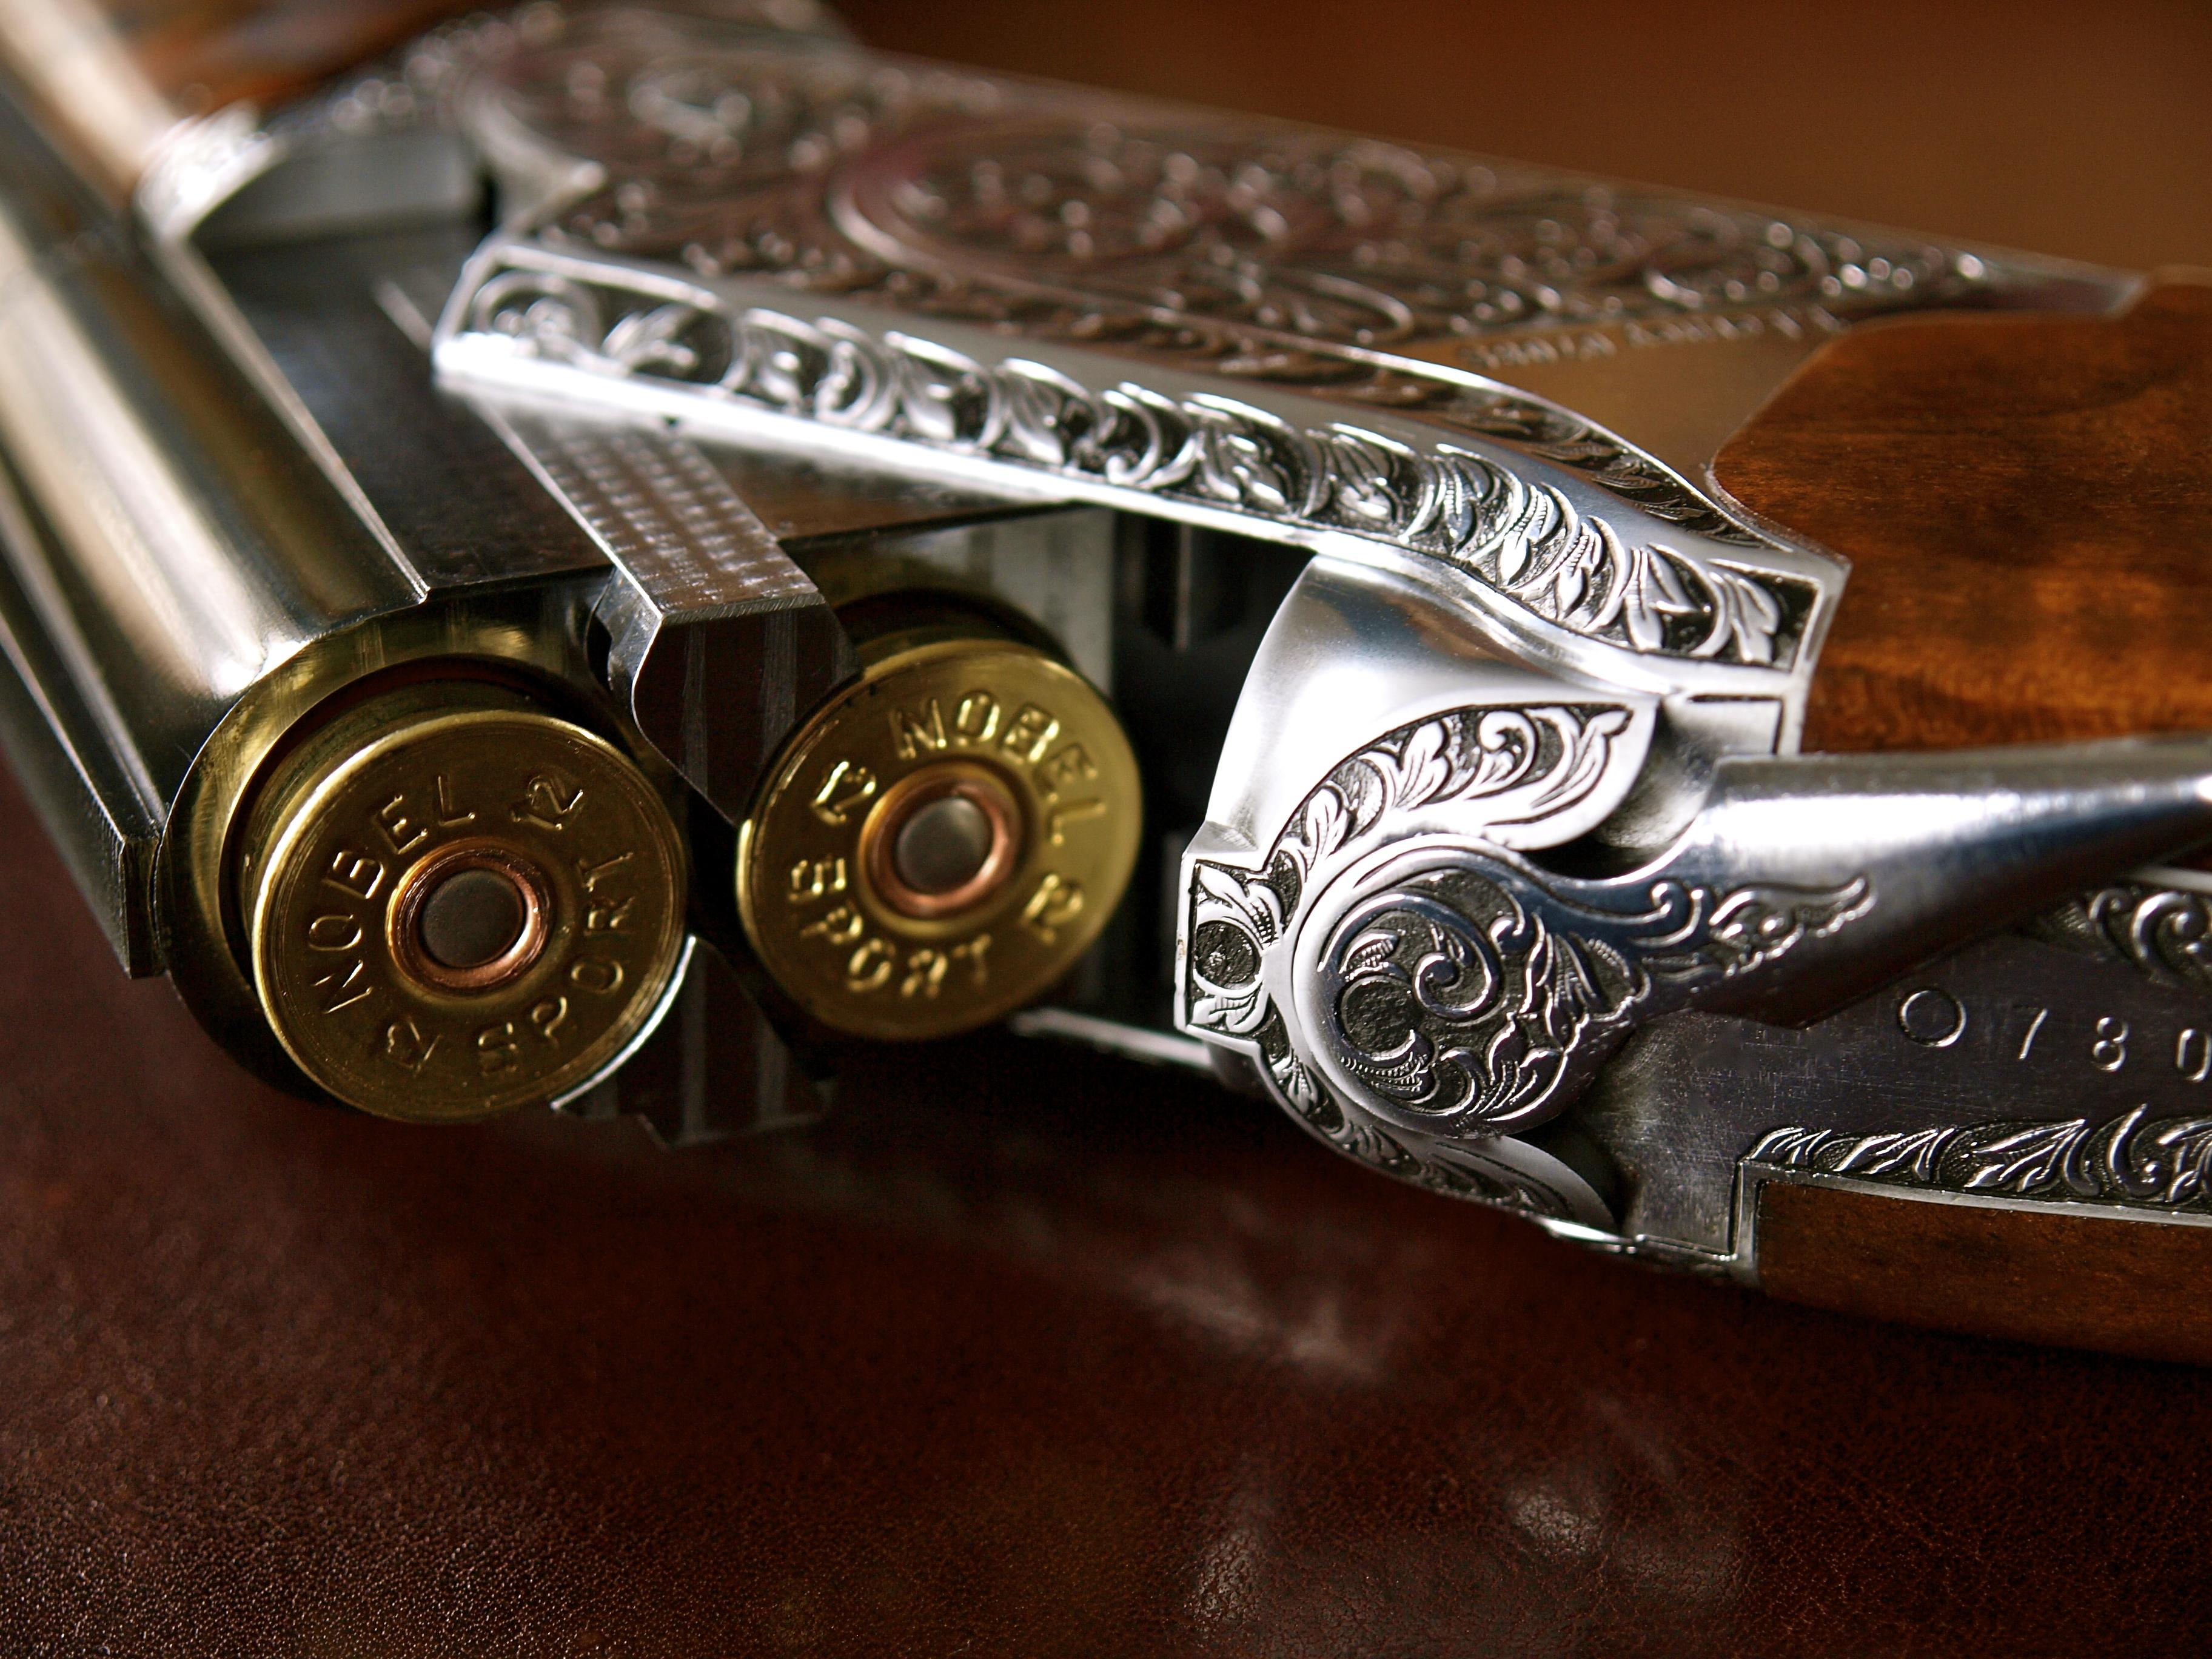 Hand-engraved-over-under-shotgun